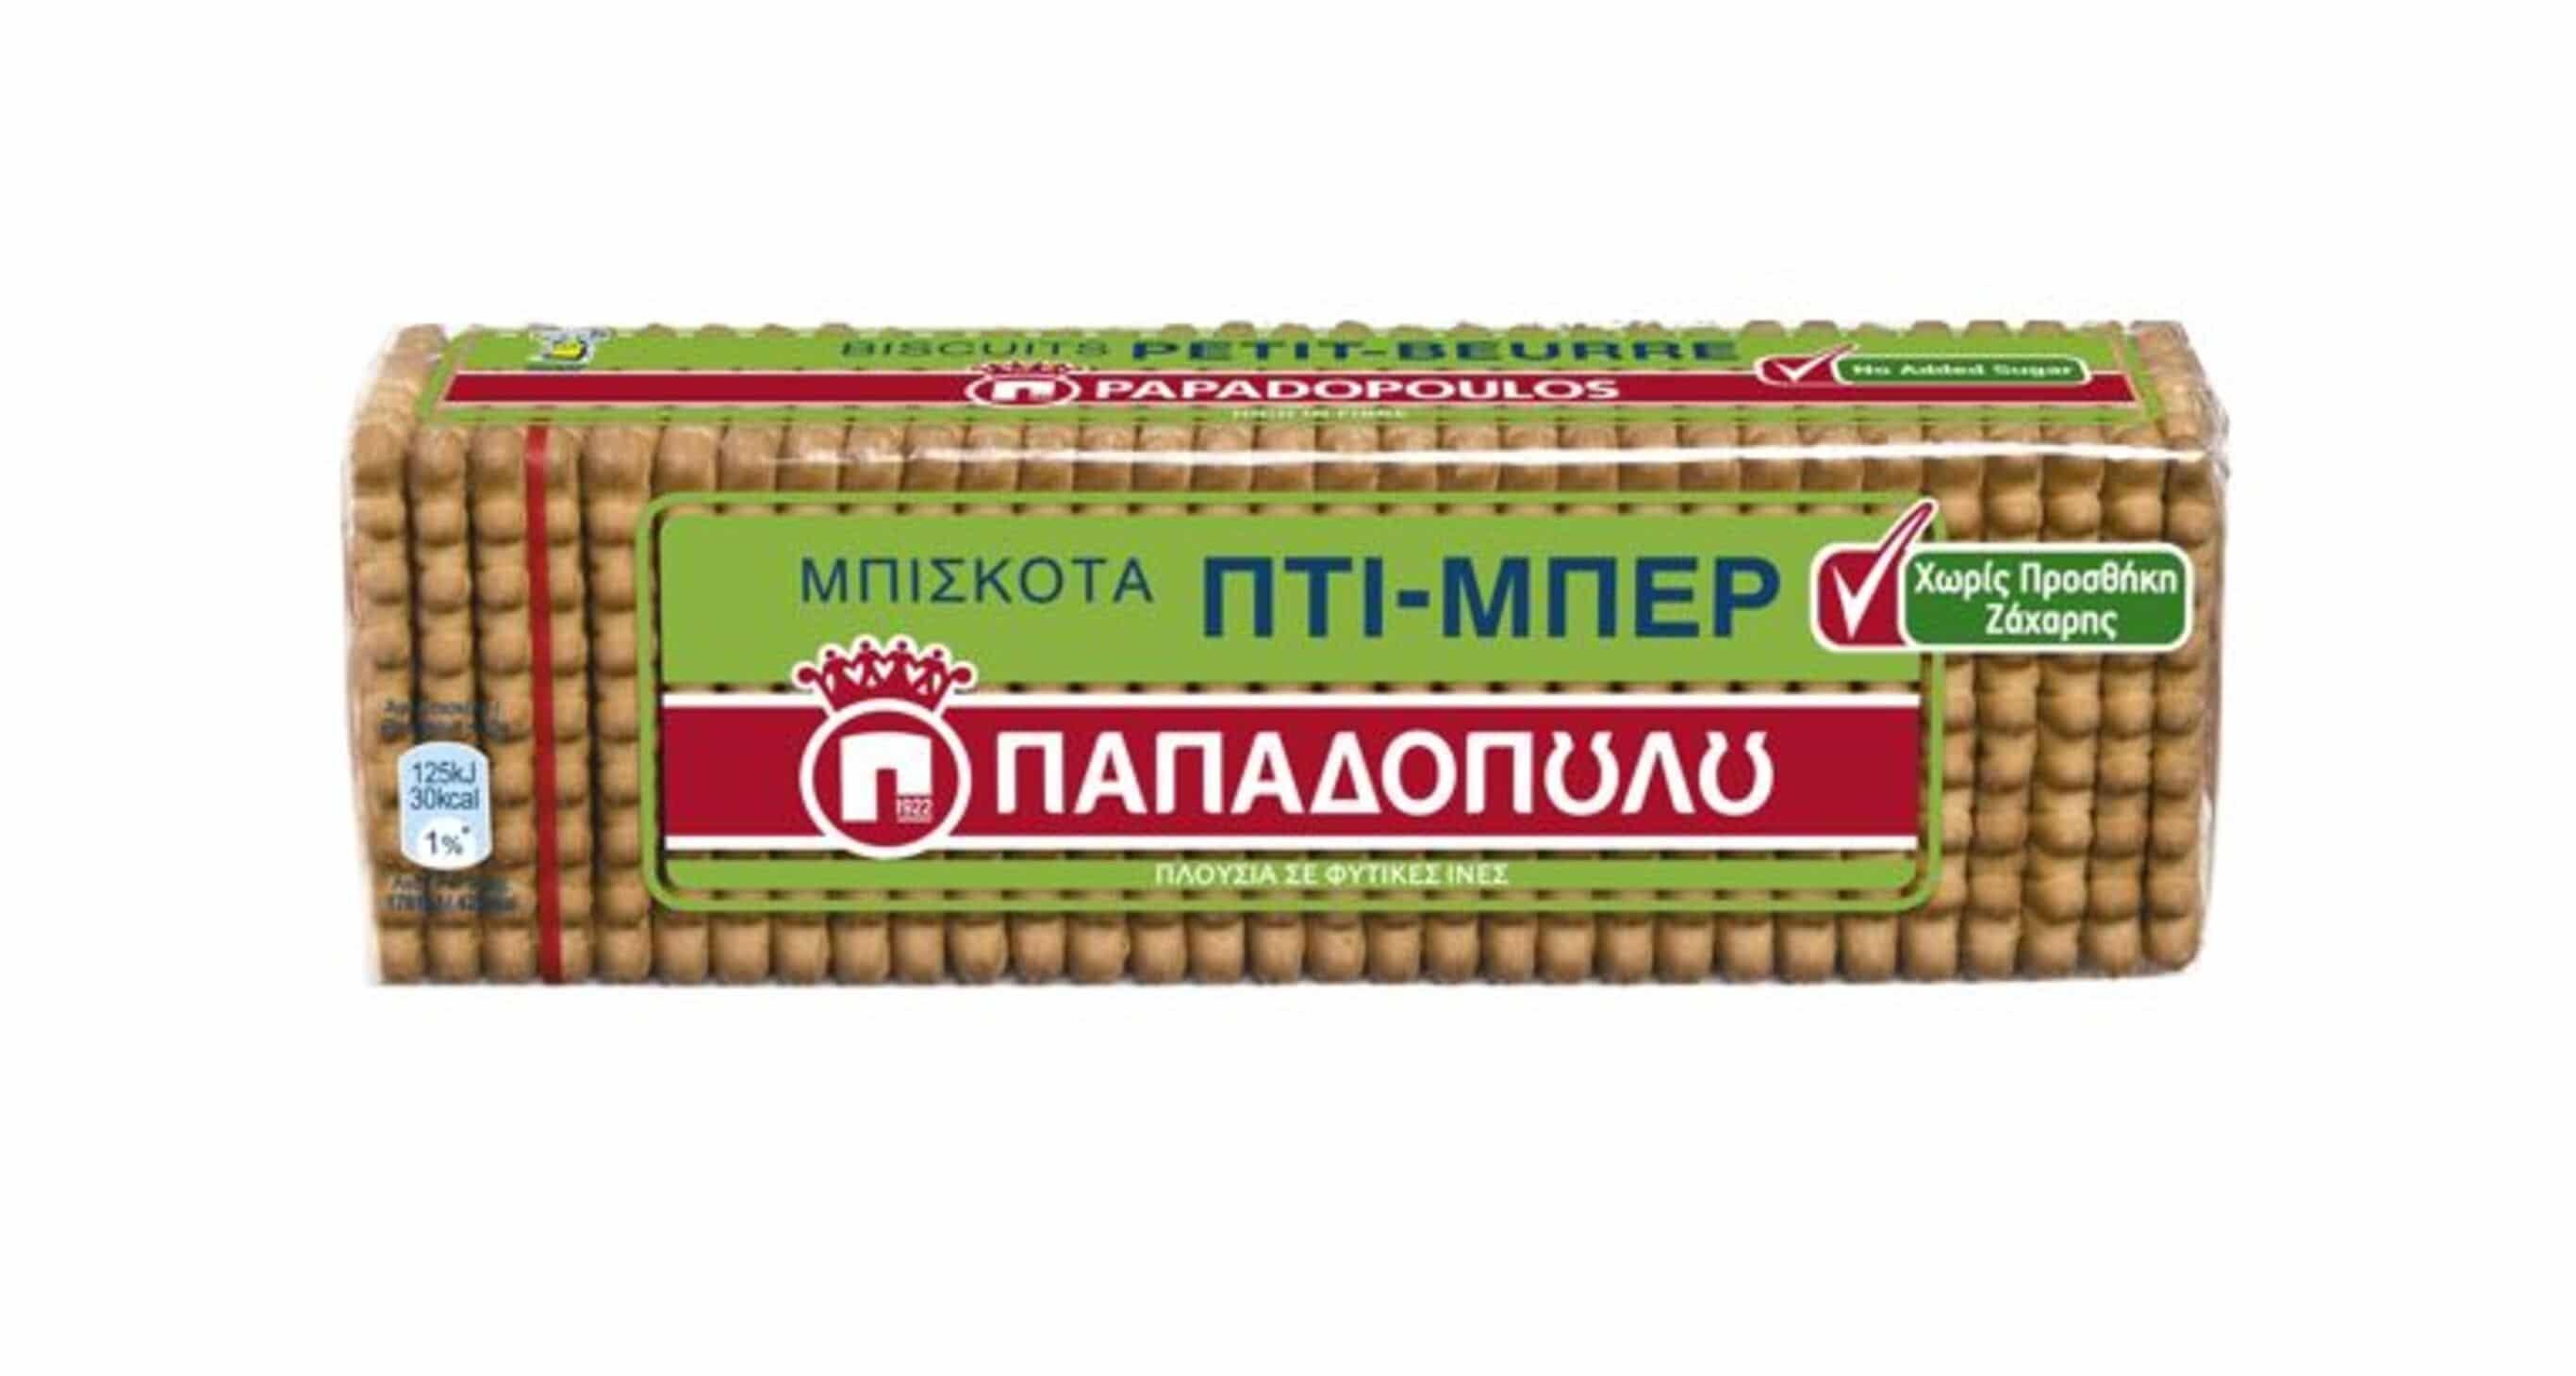 image for Νέα ΠΤΙ - ΜΠΕΡ Παπαδοπούλου Χωρίς Προσθήκη Ζάχαρης*